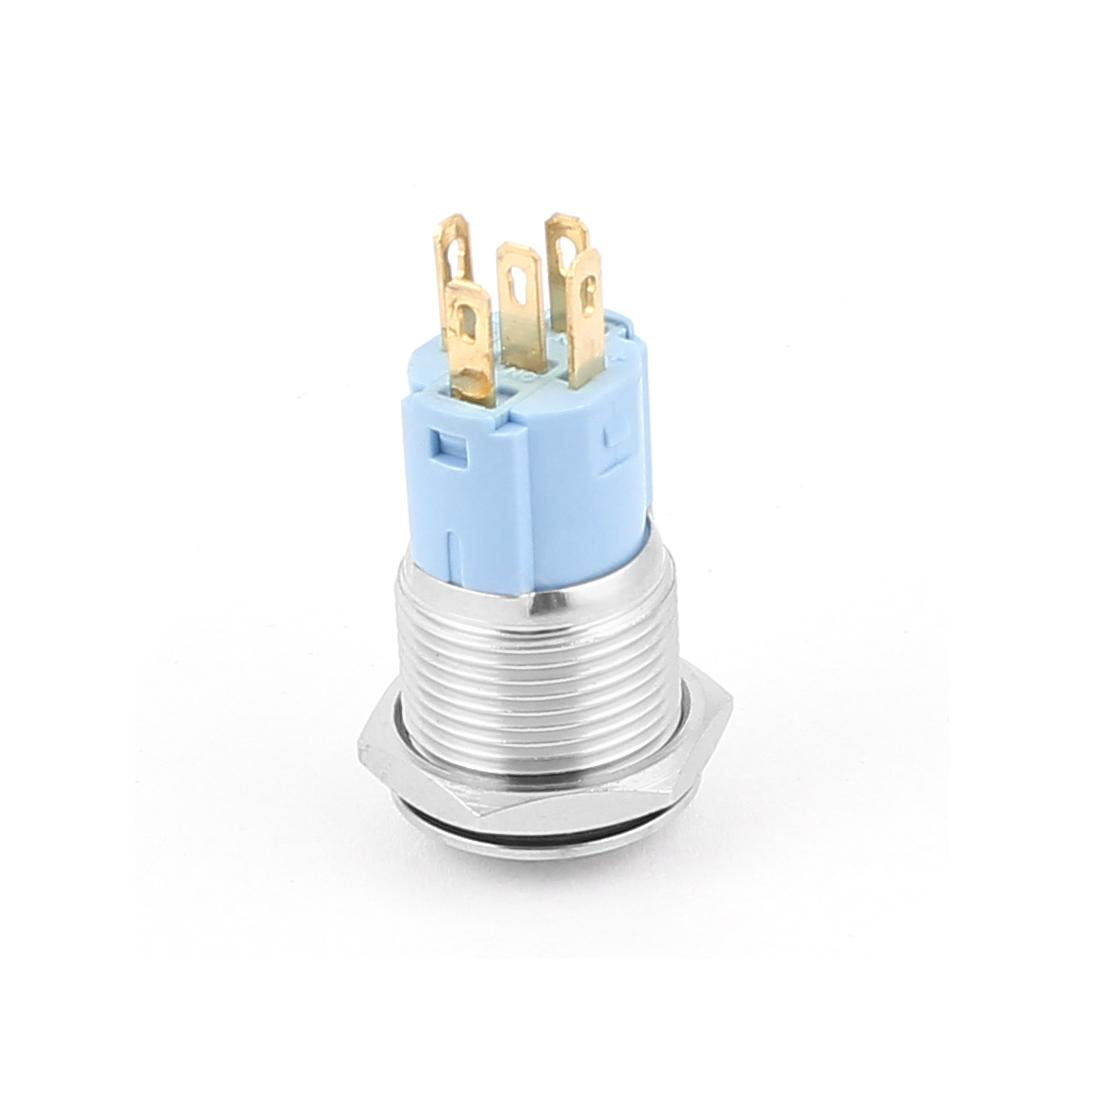 12V 16mm Vert Lampe LED Momentané Métal Commutateur De Bouton Poussoir élevée Couvercle - image 2 de 3